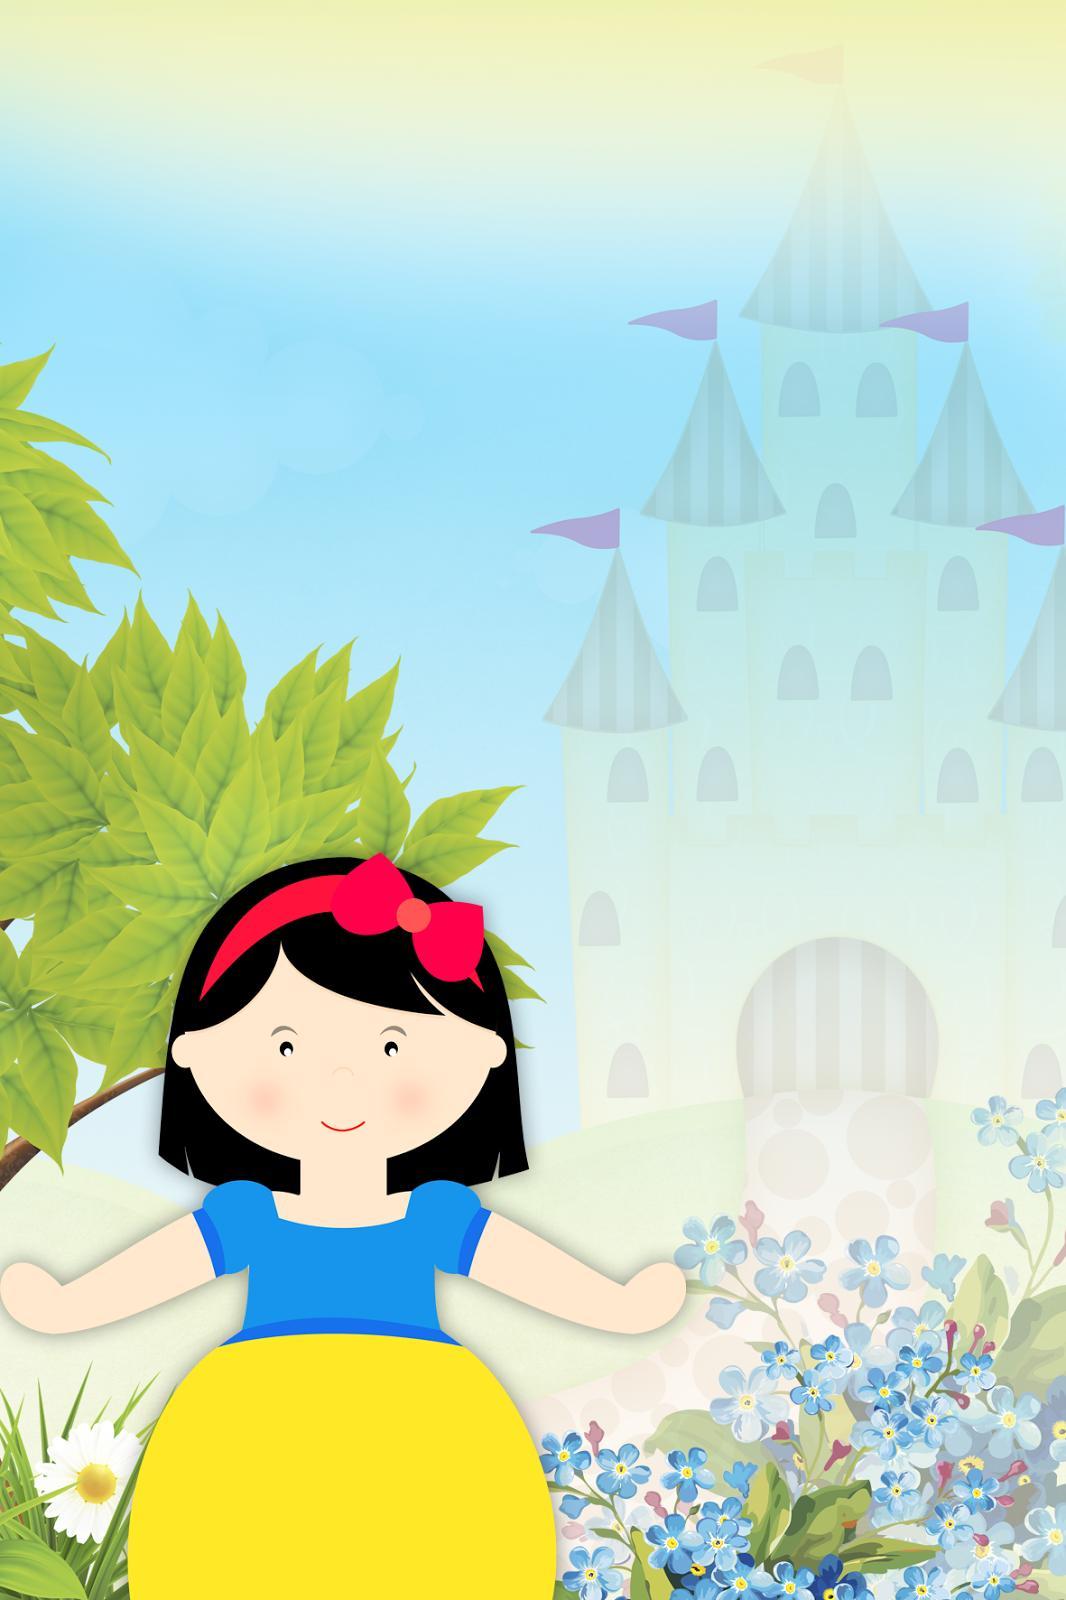 Desenho da Branca de Neve, com castelo atrás.